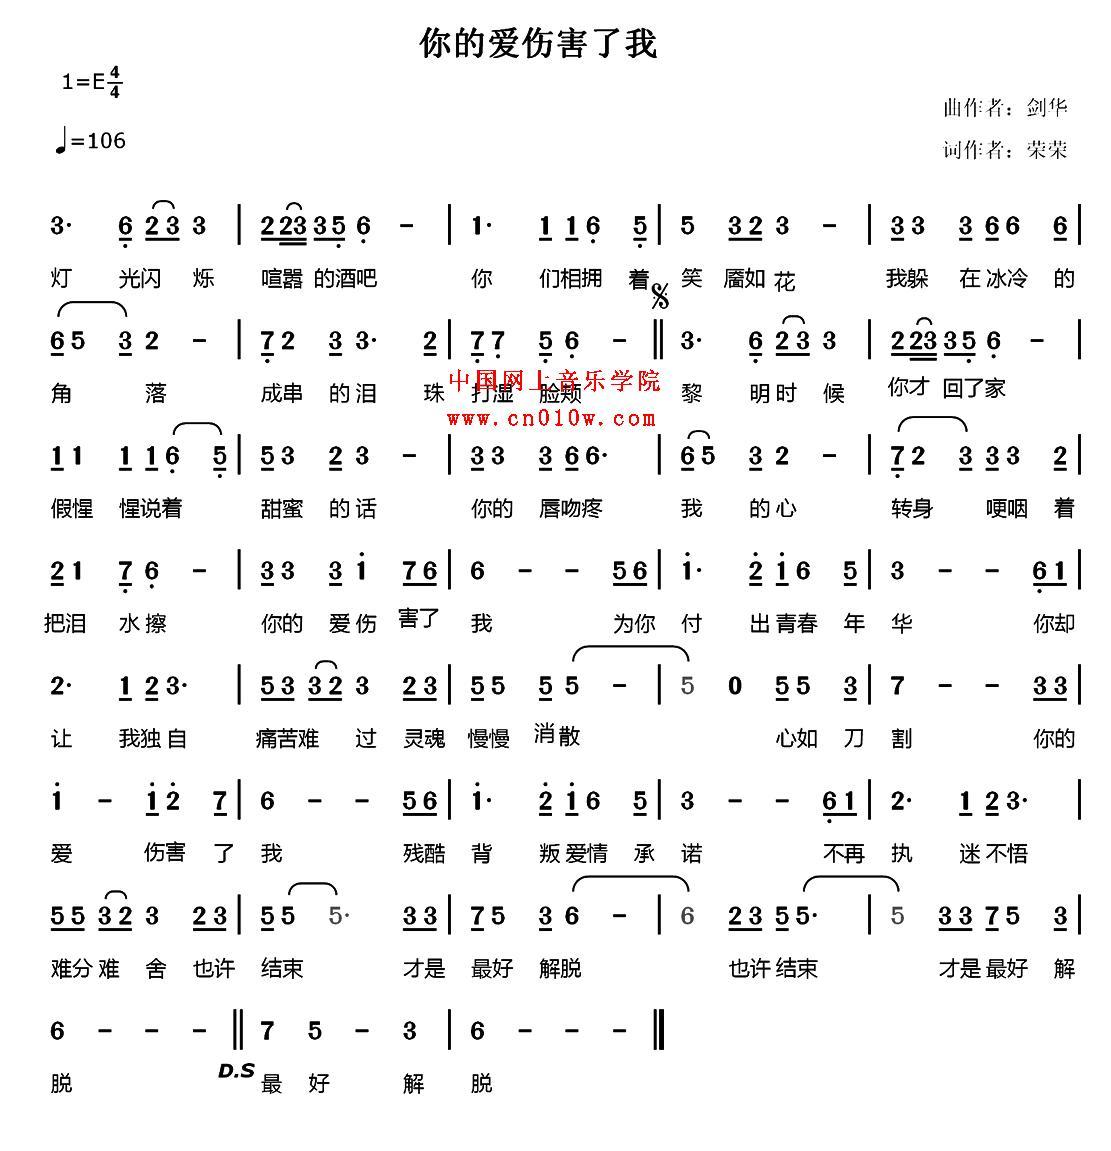 我爱你中国歌词乐谱-民歌曲谱 你的爱伤害了我